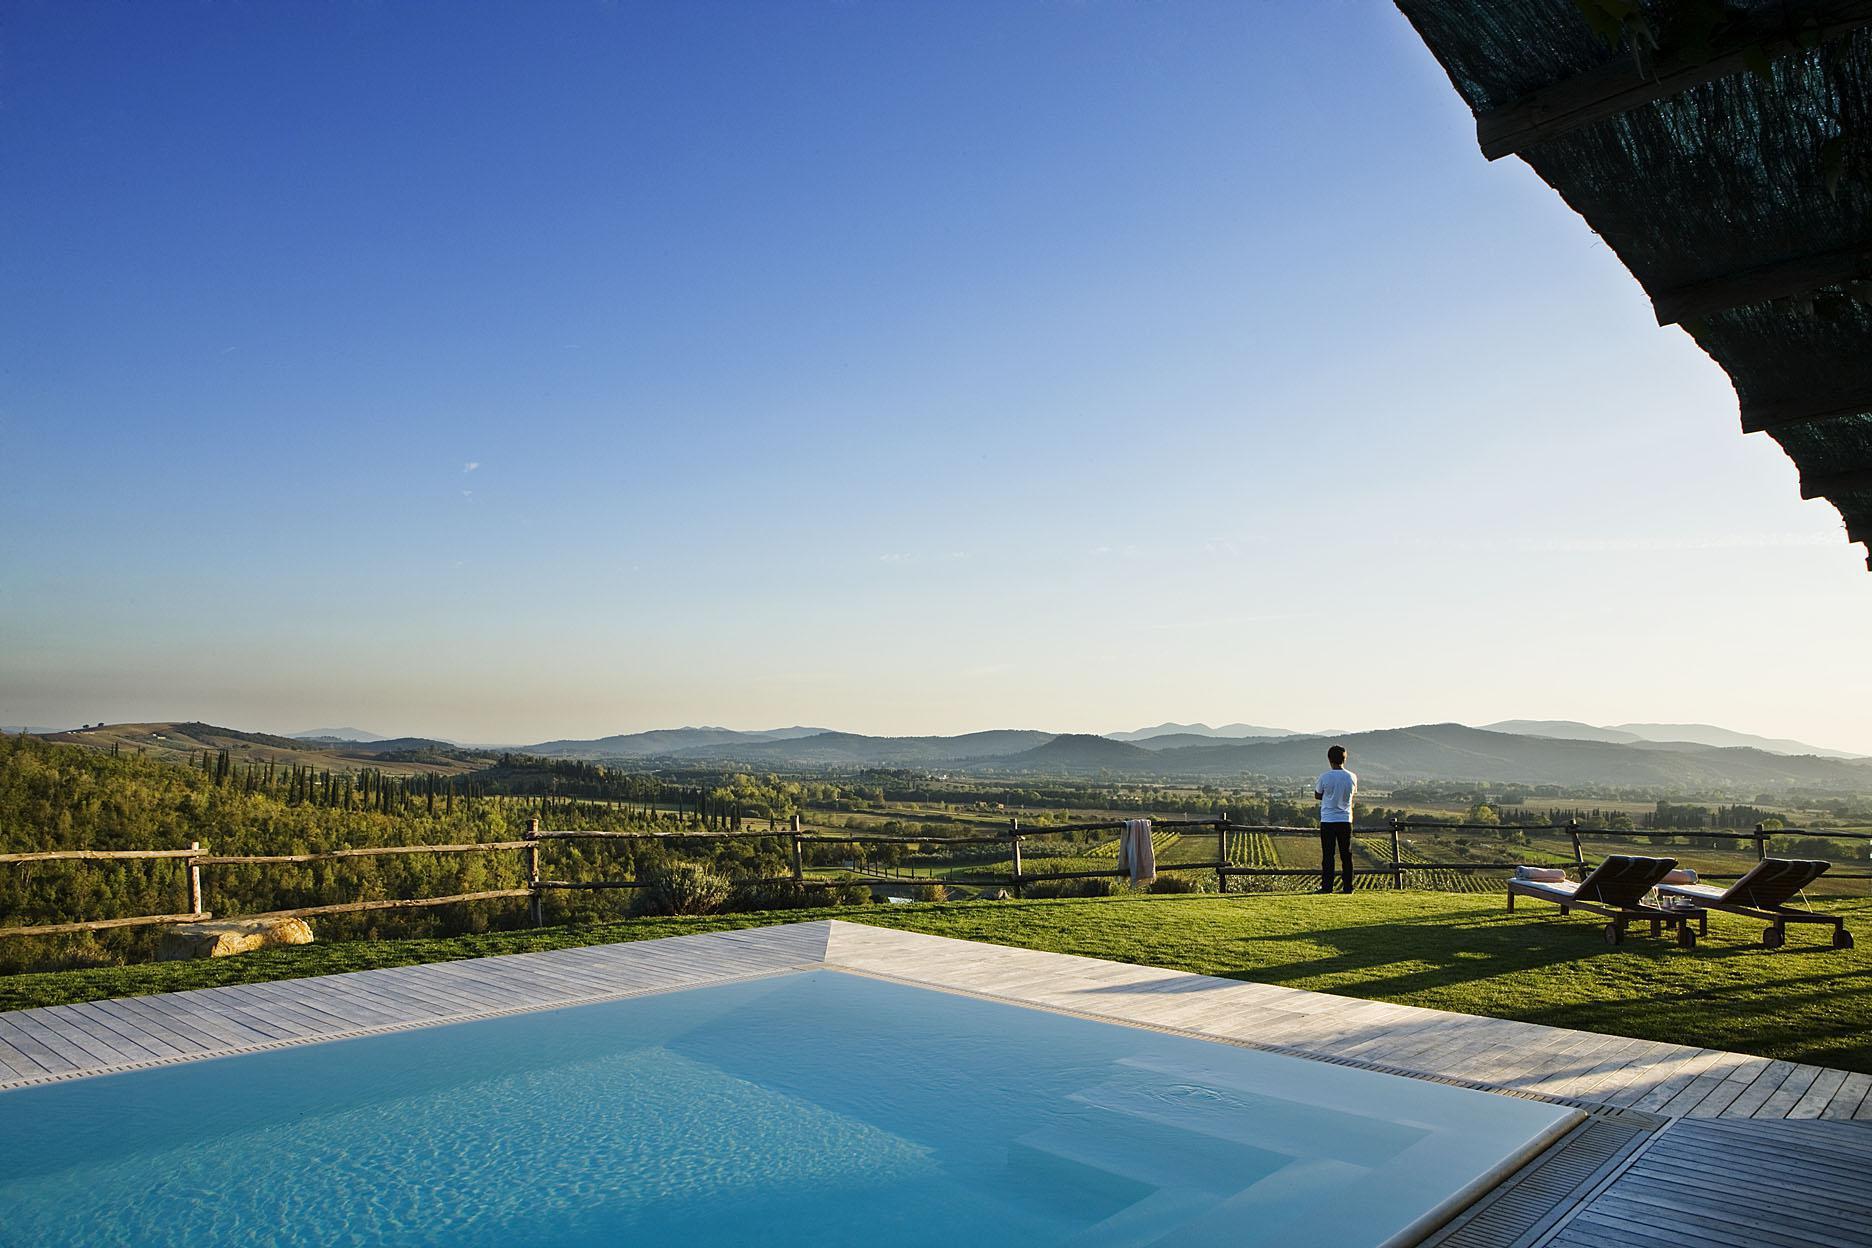 Hoteles exclusivos entre Viñedos y Vino